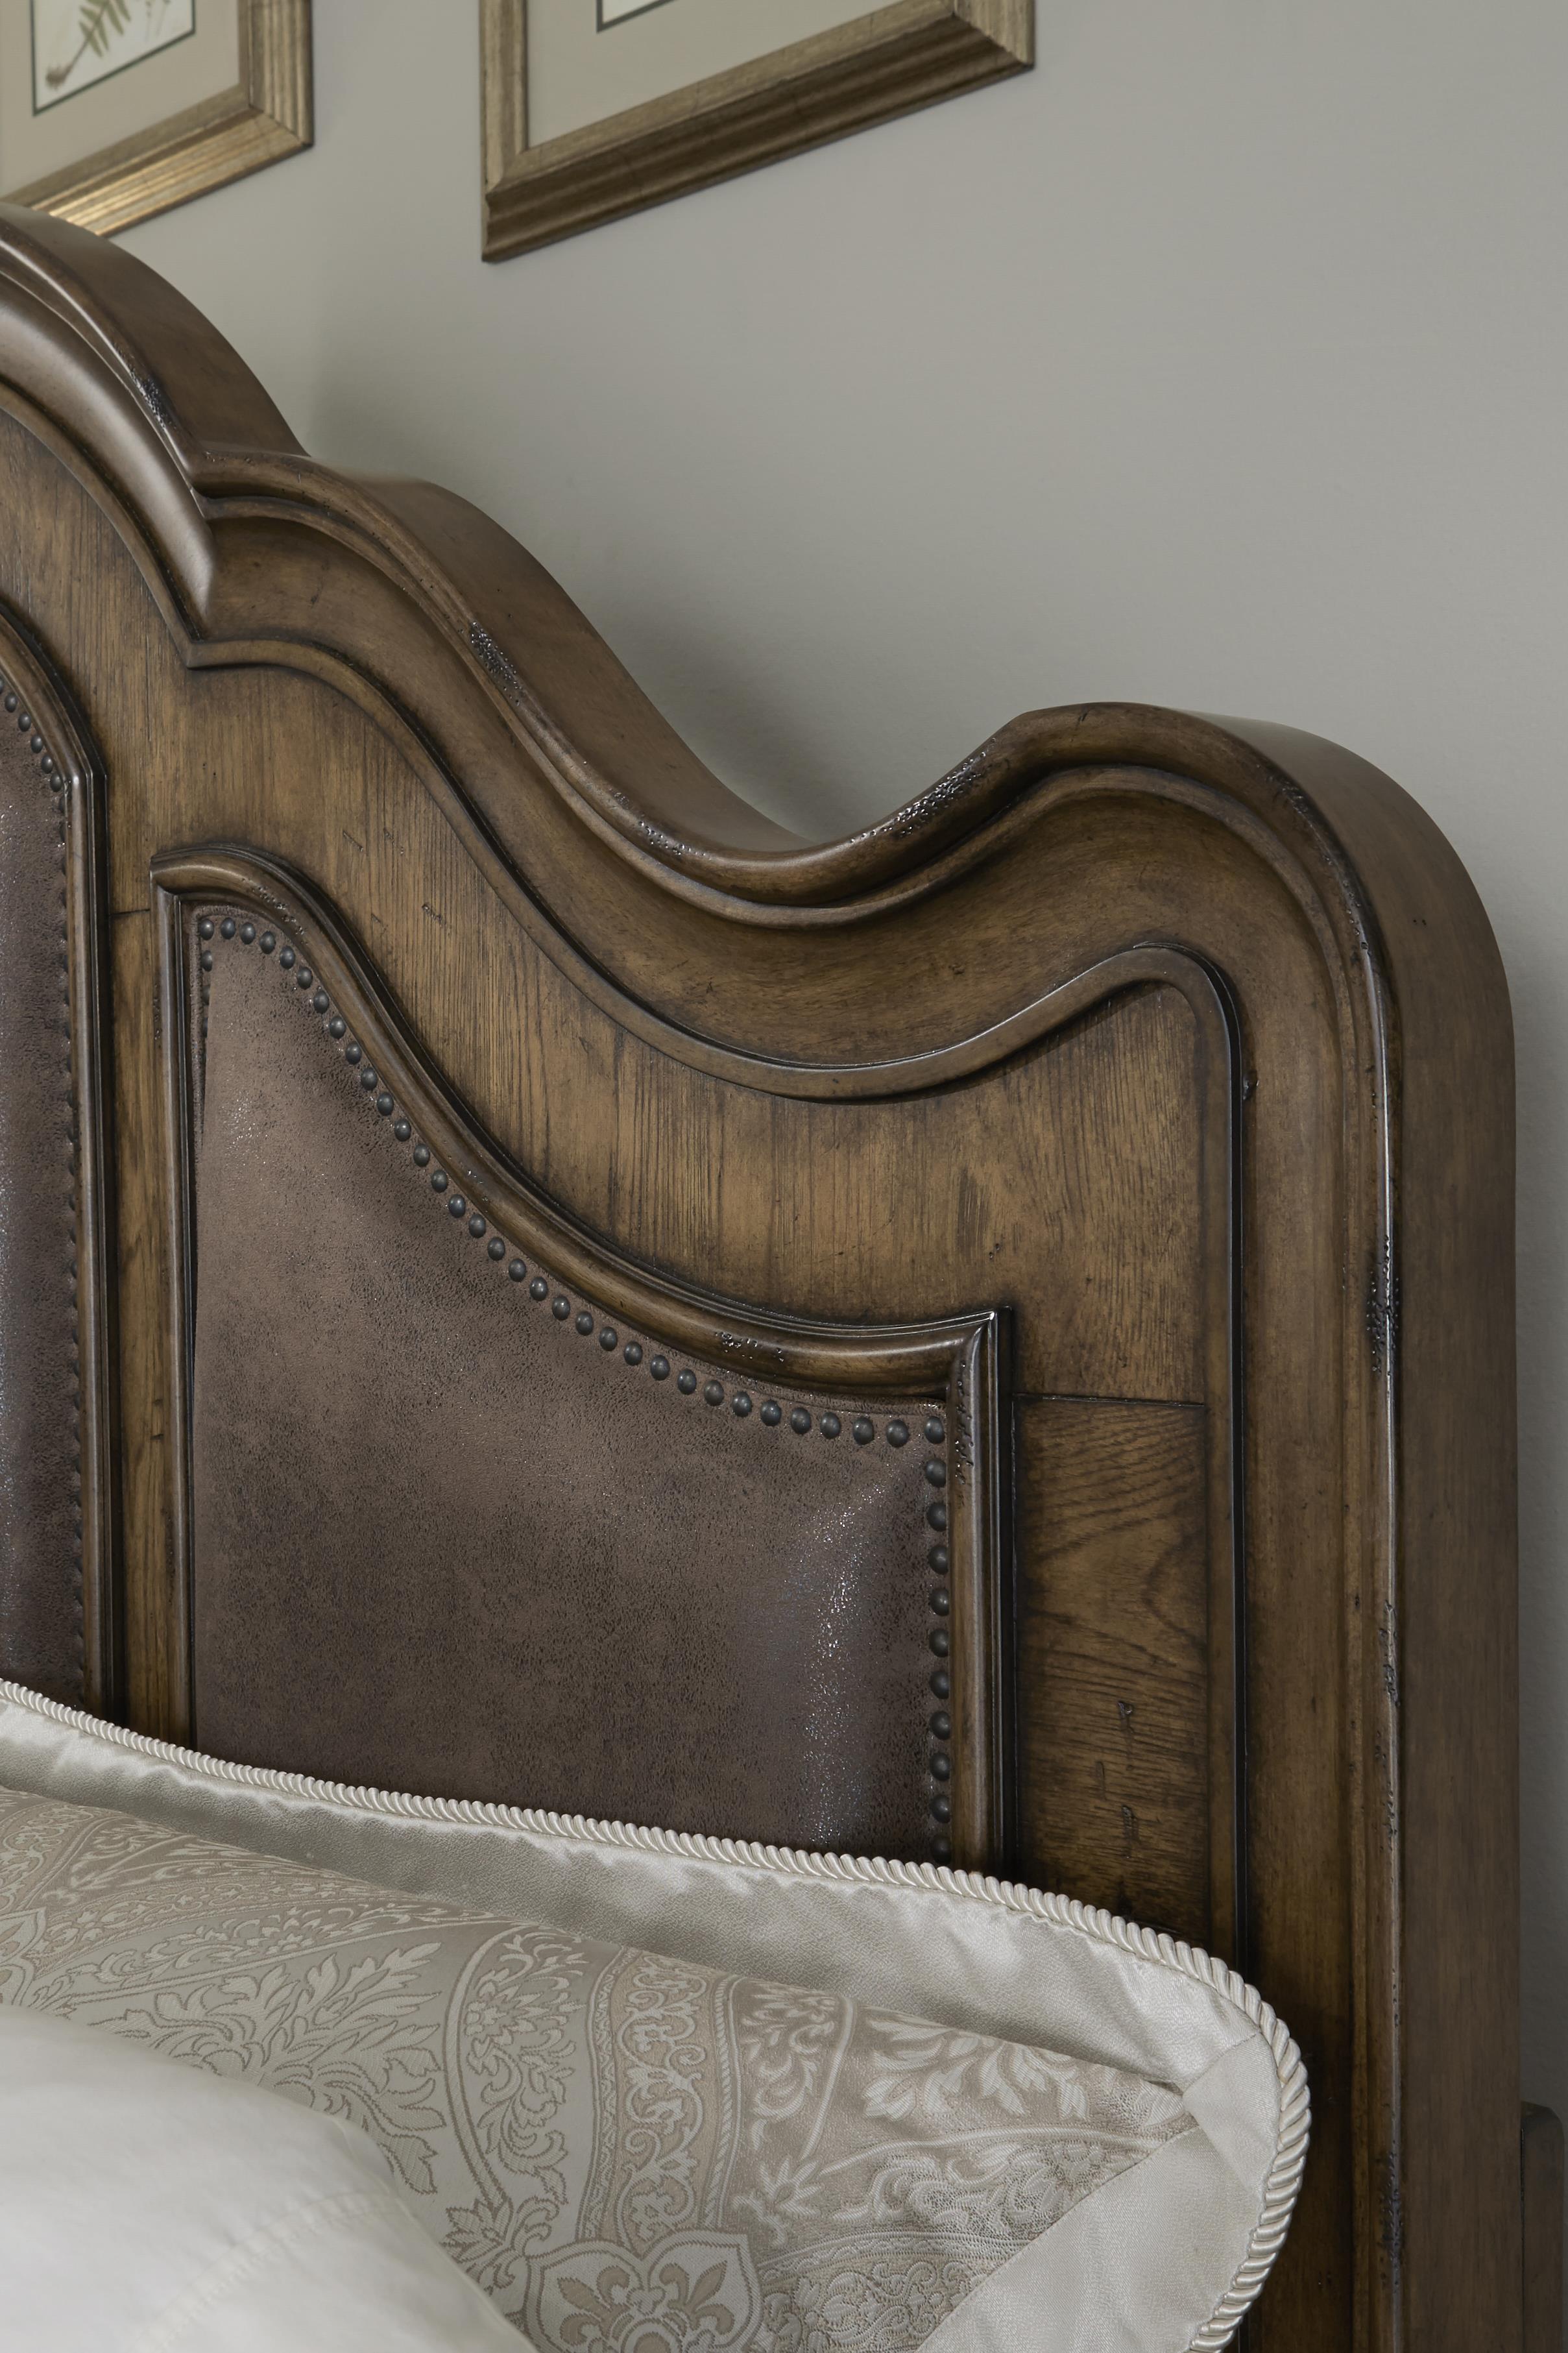 Quentin 7891 By Pulaski Furniture Royal Furniture